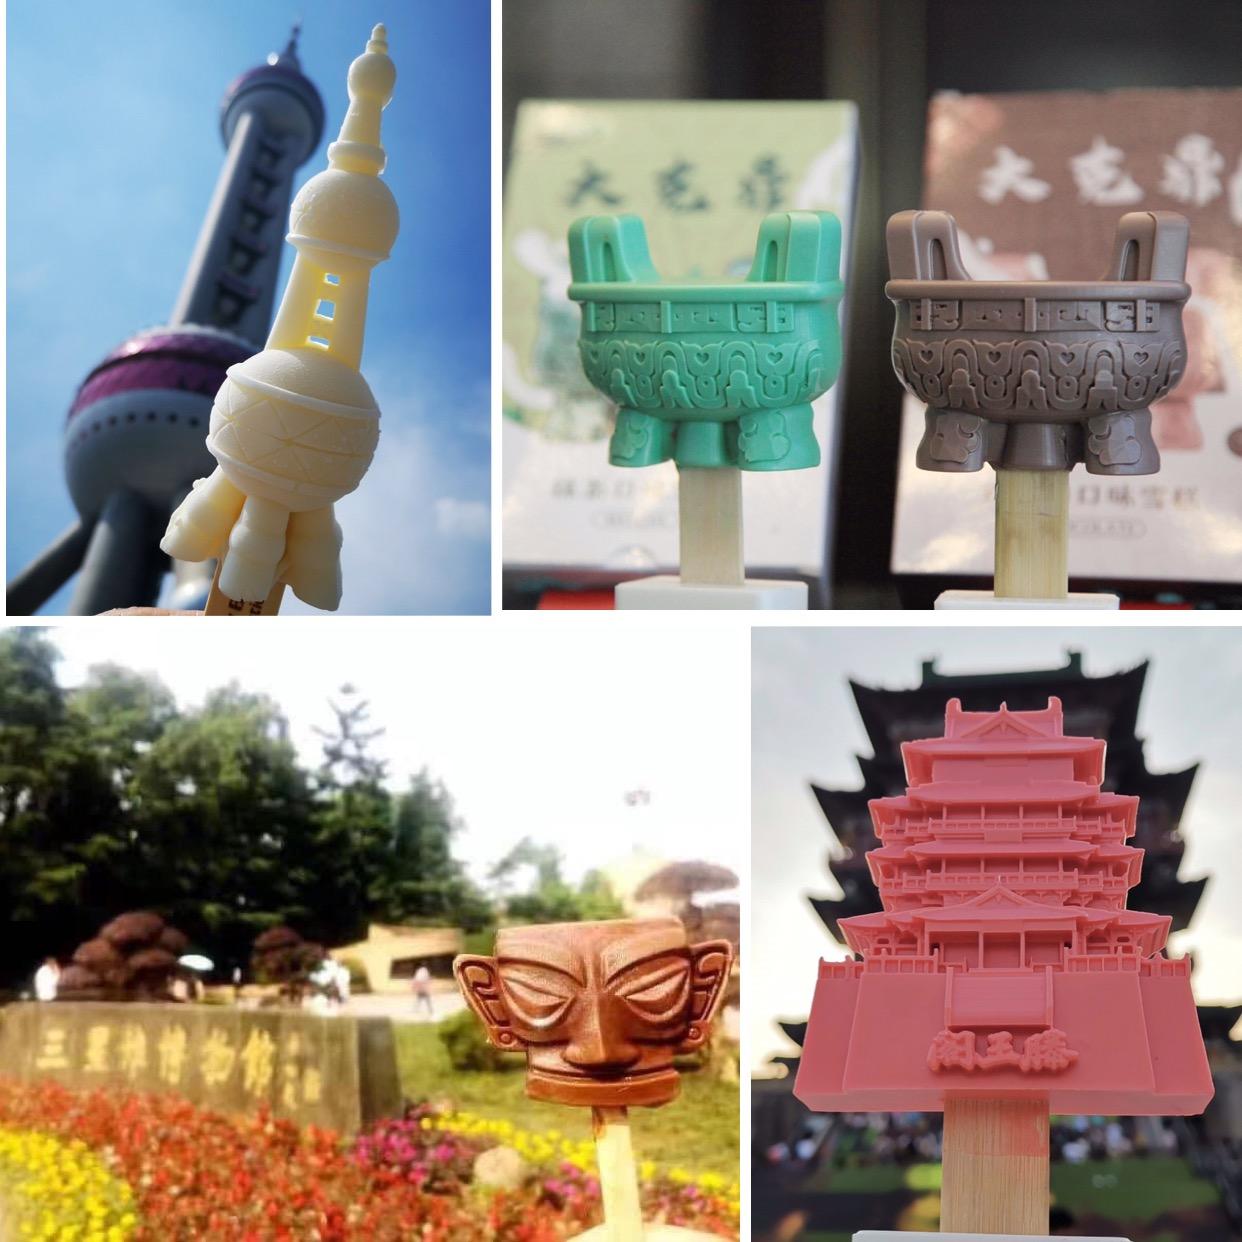 Os sorvetes que nos fazem lembrar os pontos turísticos e artes famosas chinesas viraram os queridinhos do verão. Na Holiland, esse conceito, essa proposta, se transformou em bolo, e está fazendo um super sucesso.